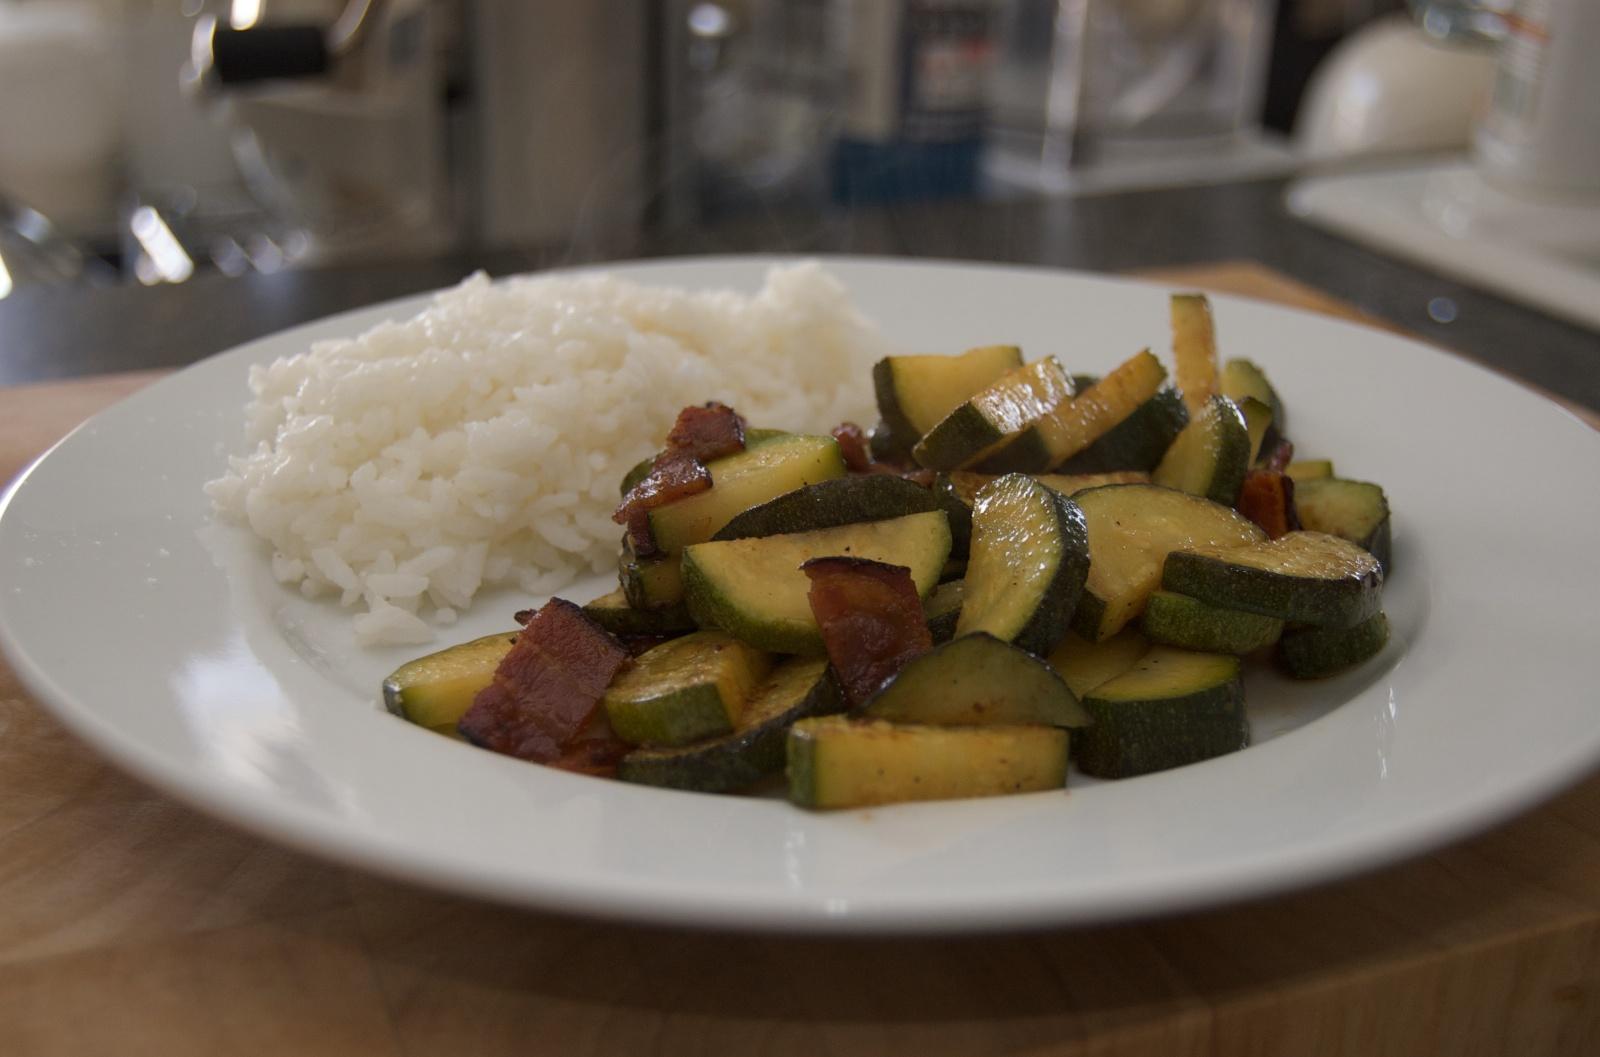 http://blog.rickk.com/food/2010/07/07/zucchinibacon.jpg